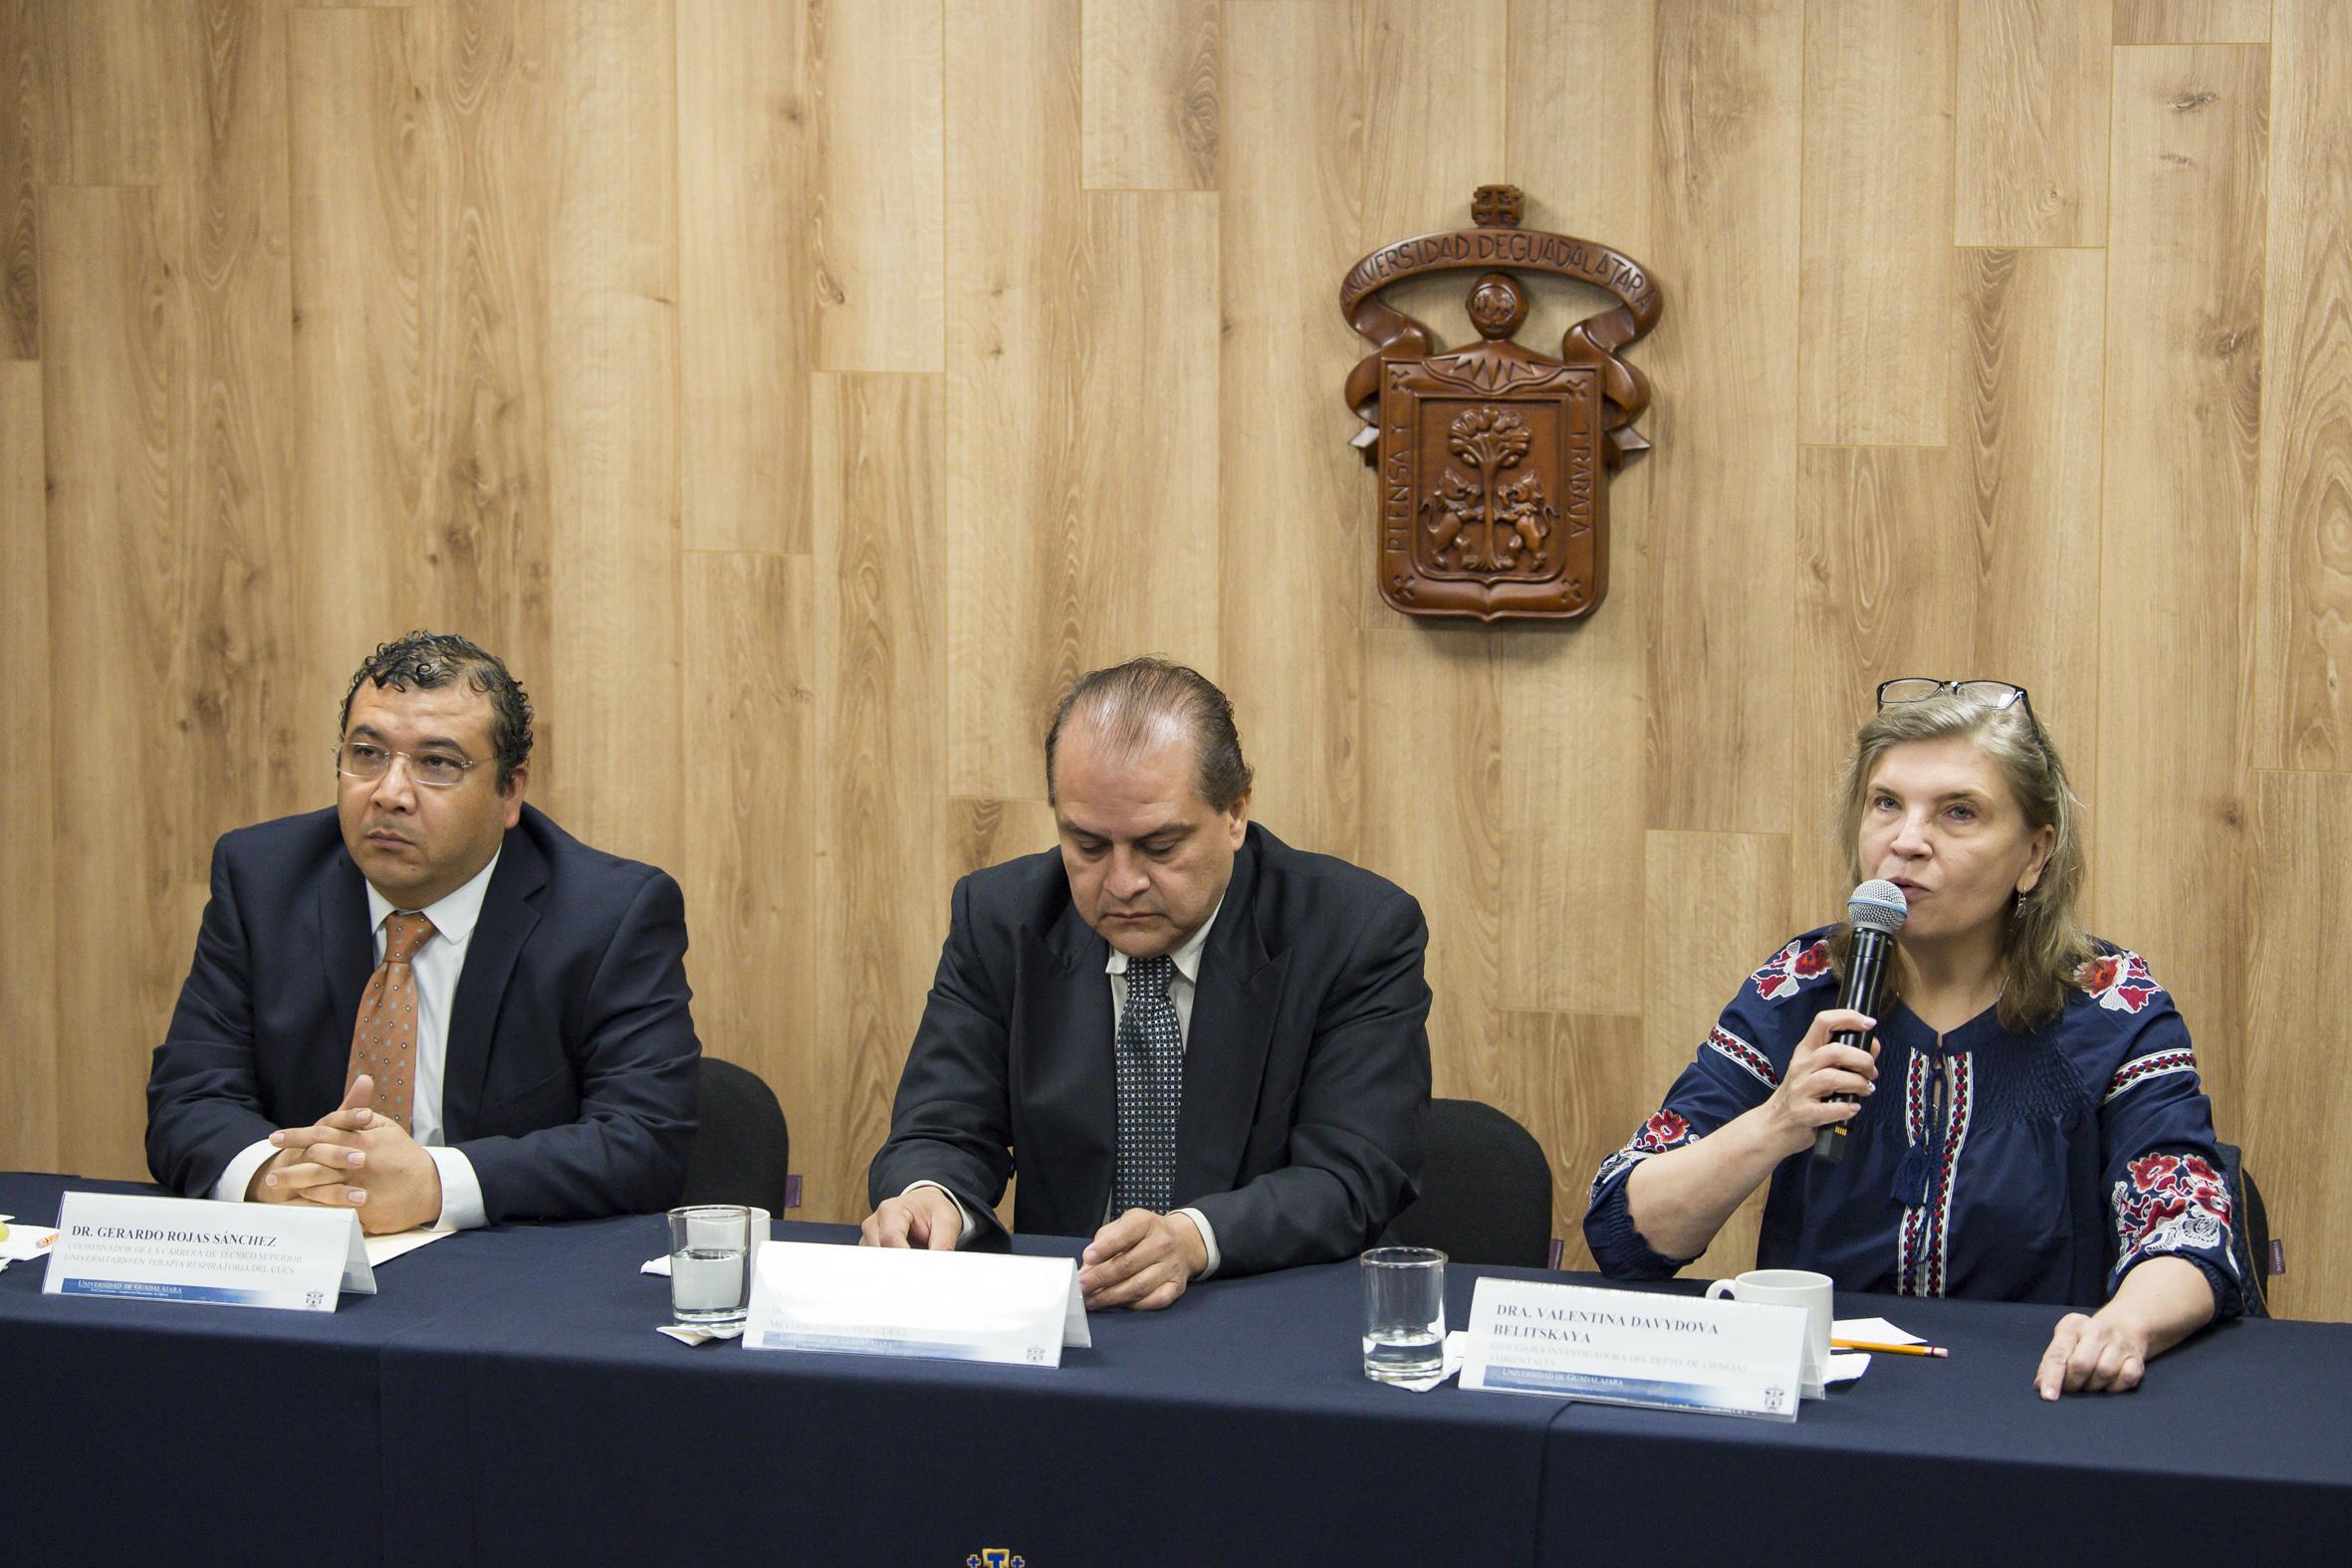 Los tres investigadores estuvieron sentados en la mesa de presentadores